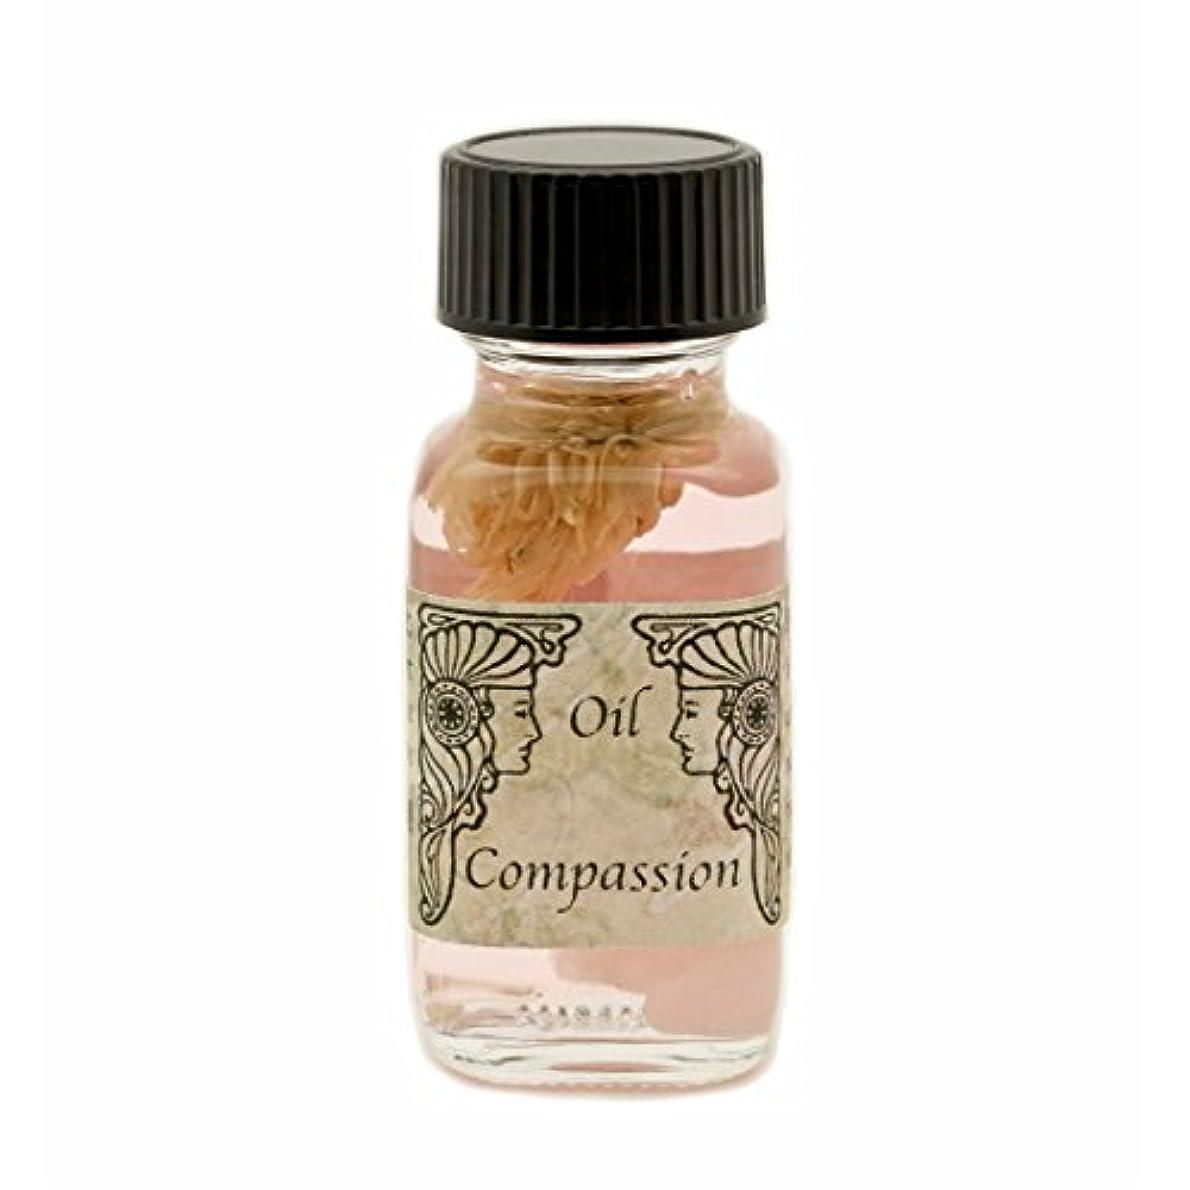 タイトル疲れたモデレータアンシェントメモリーオイル コンパッション Compassion 思いやり 2017年新作 (Ancient Memory Oils)